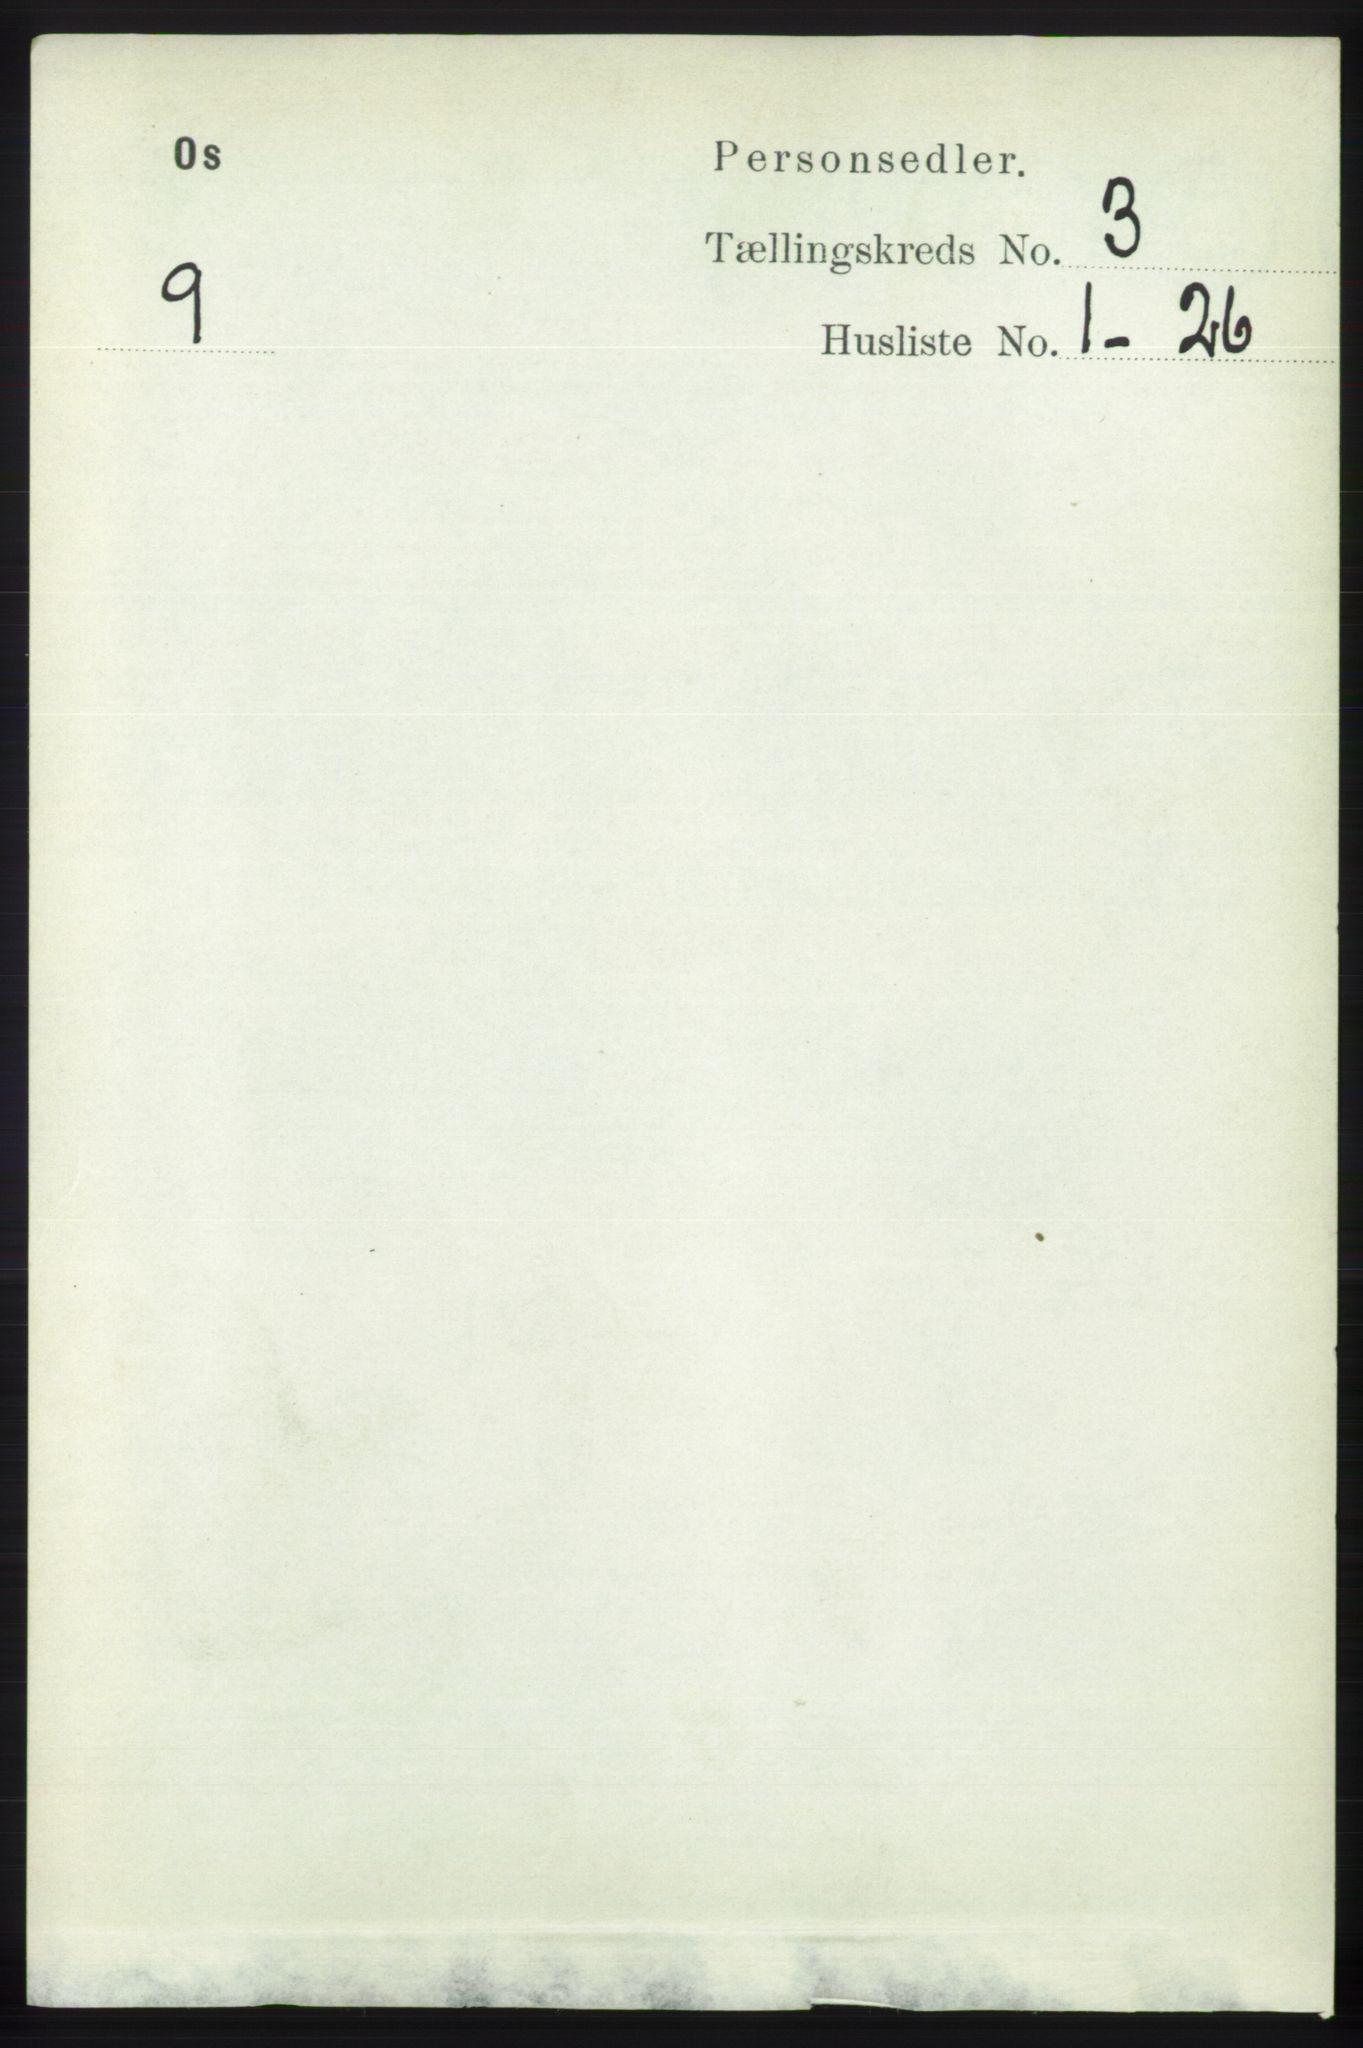 RA, Folketelling 1891 for 1243 Os herred, 1891, s. 885